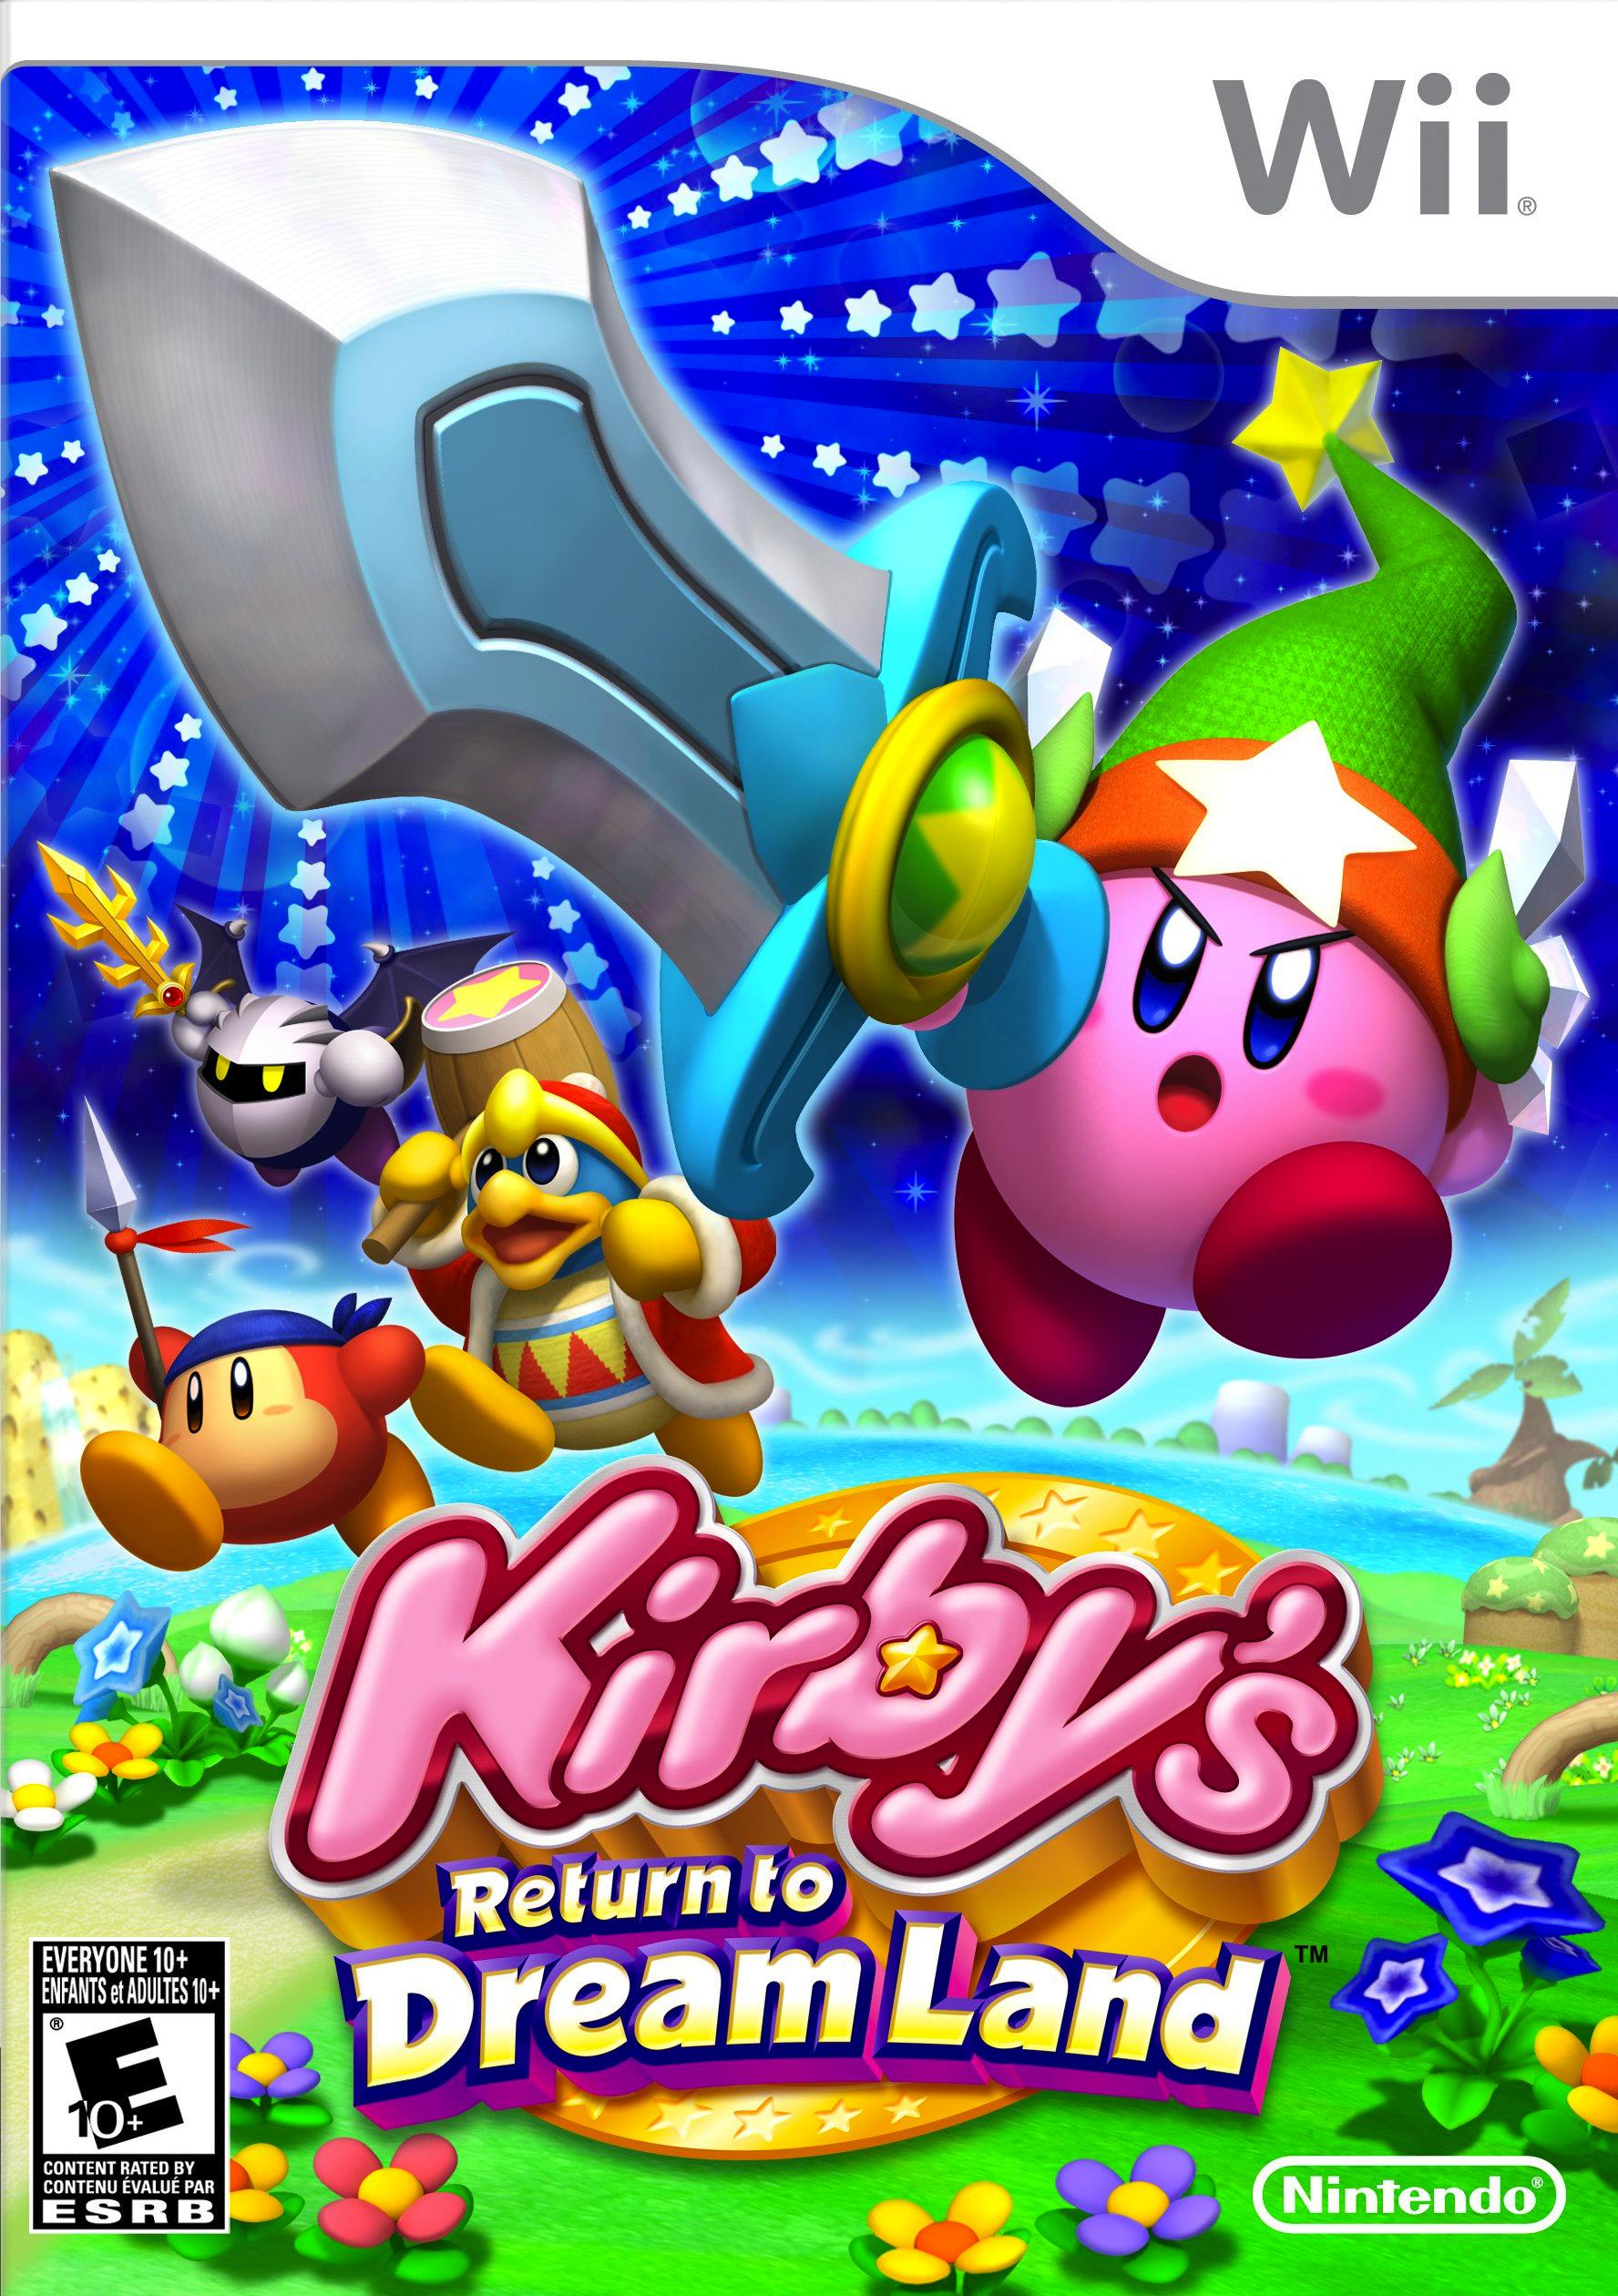 Kirby's Return to Dream Land | Kirby Wiki | FANDOM powered by Wikia